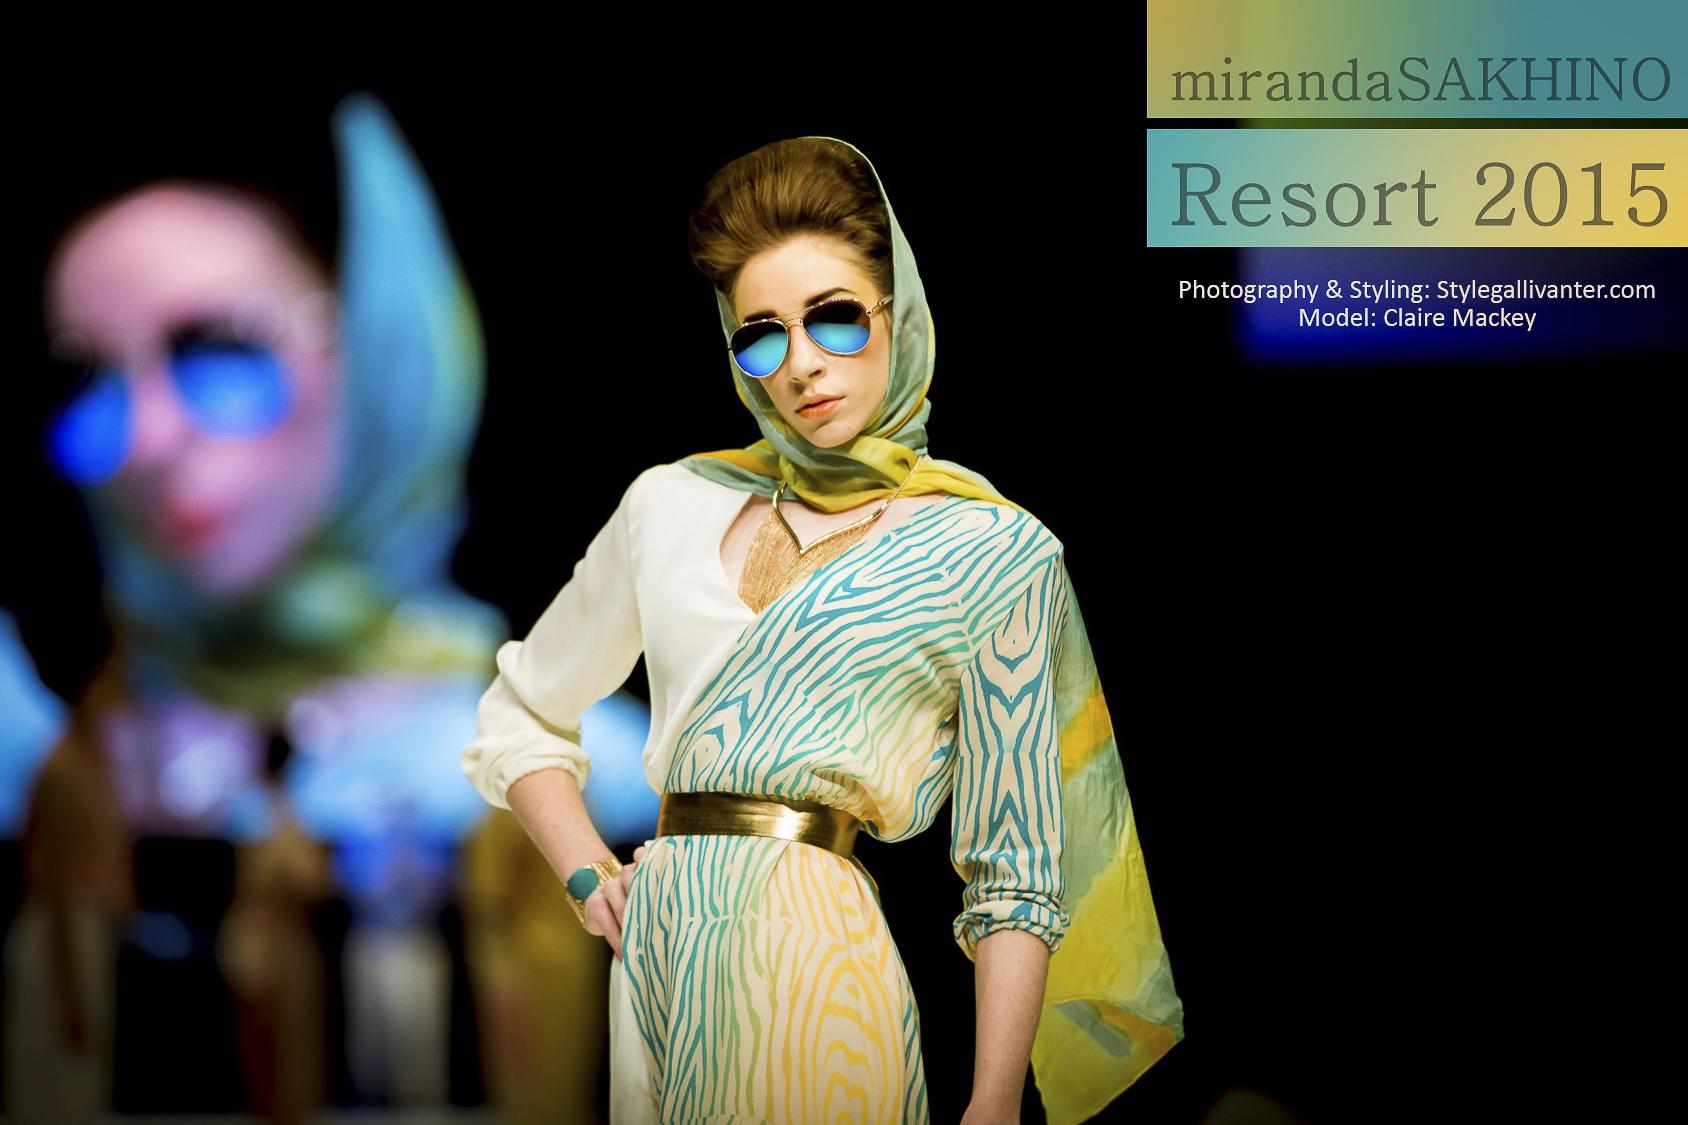 mirandaSAKHINO-copyright-2015_not-to-be-used-without-permission_mirandasakhino-runway-2015_mirandasakhino-fashfest-miranda-sakhino-resort-collection_miranda-sakhino-fashfest-34